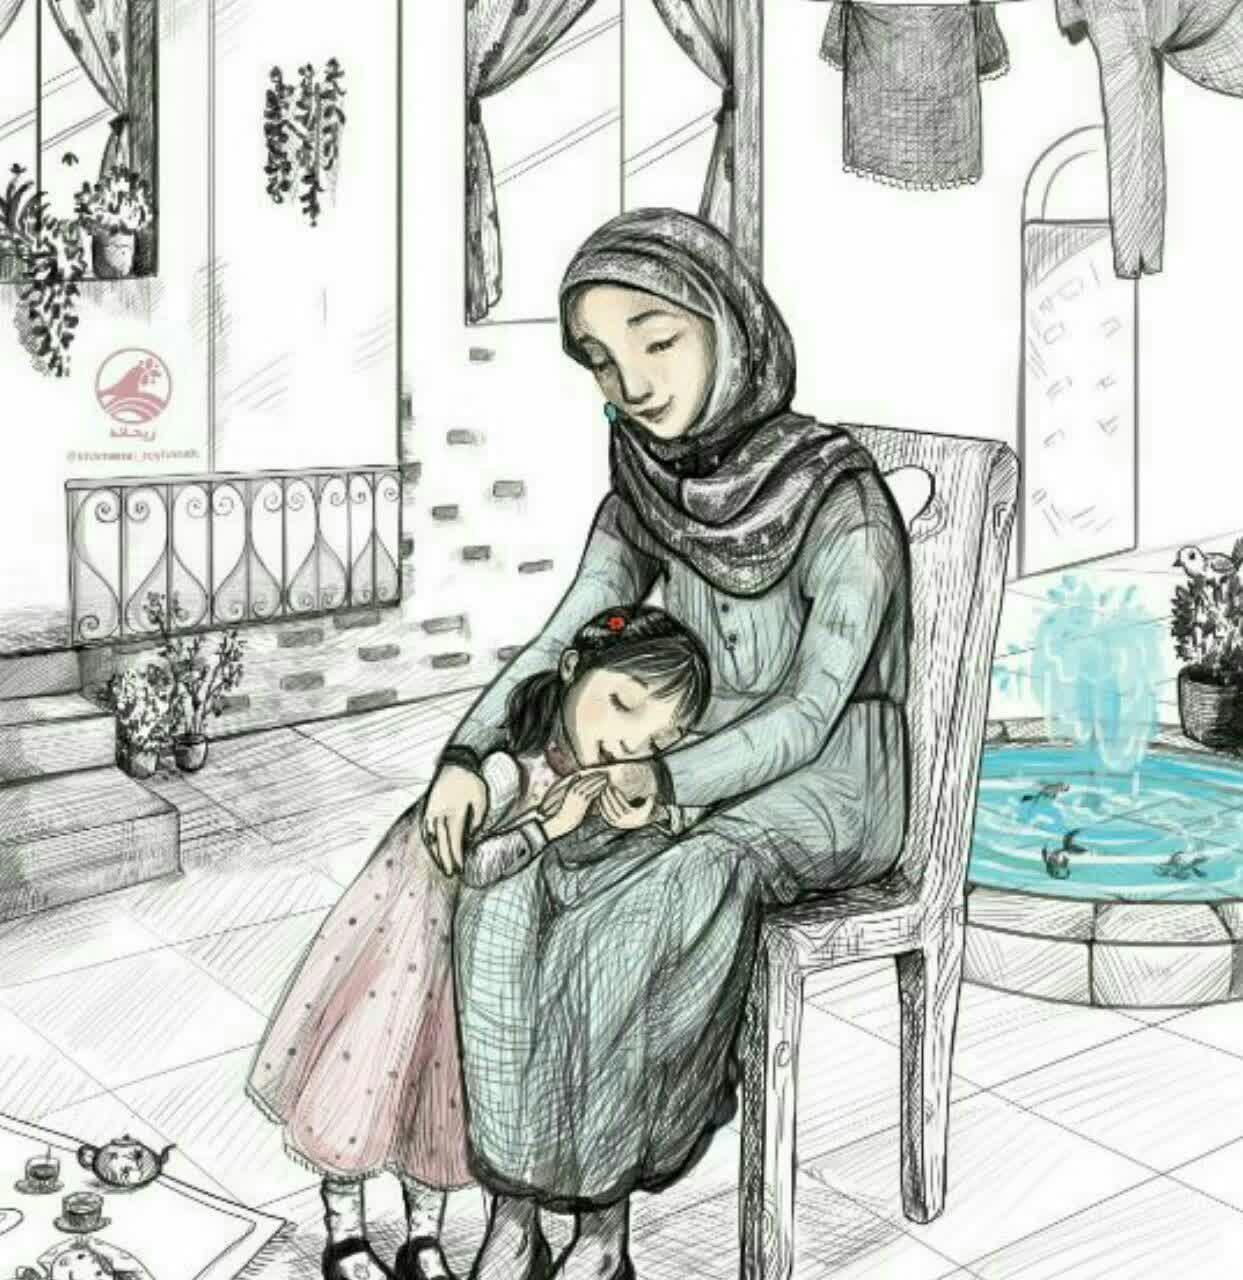 باید احترام فرزندان در خانواده حفظ شود.